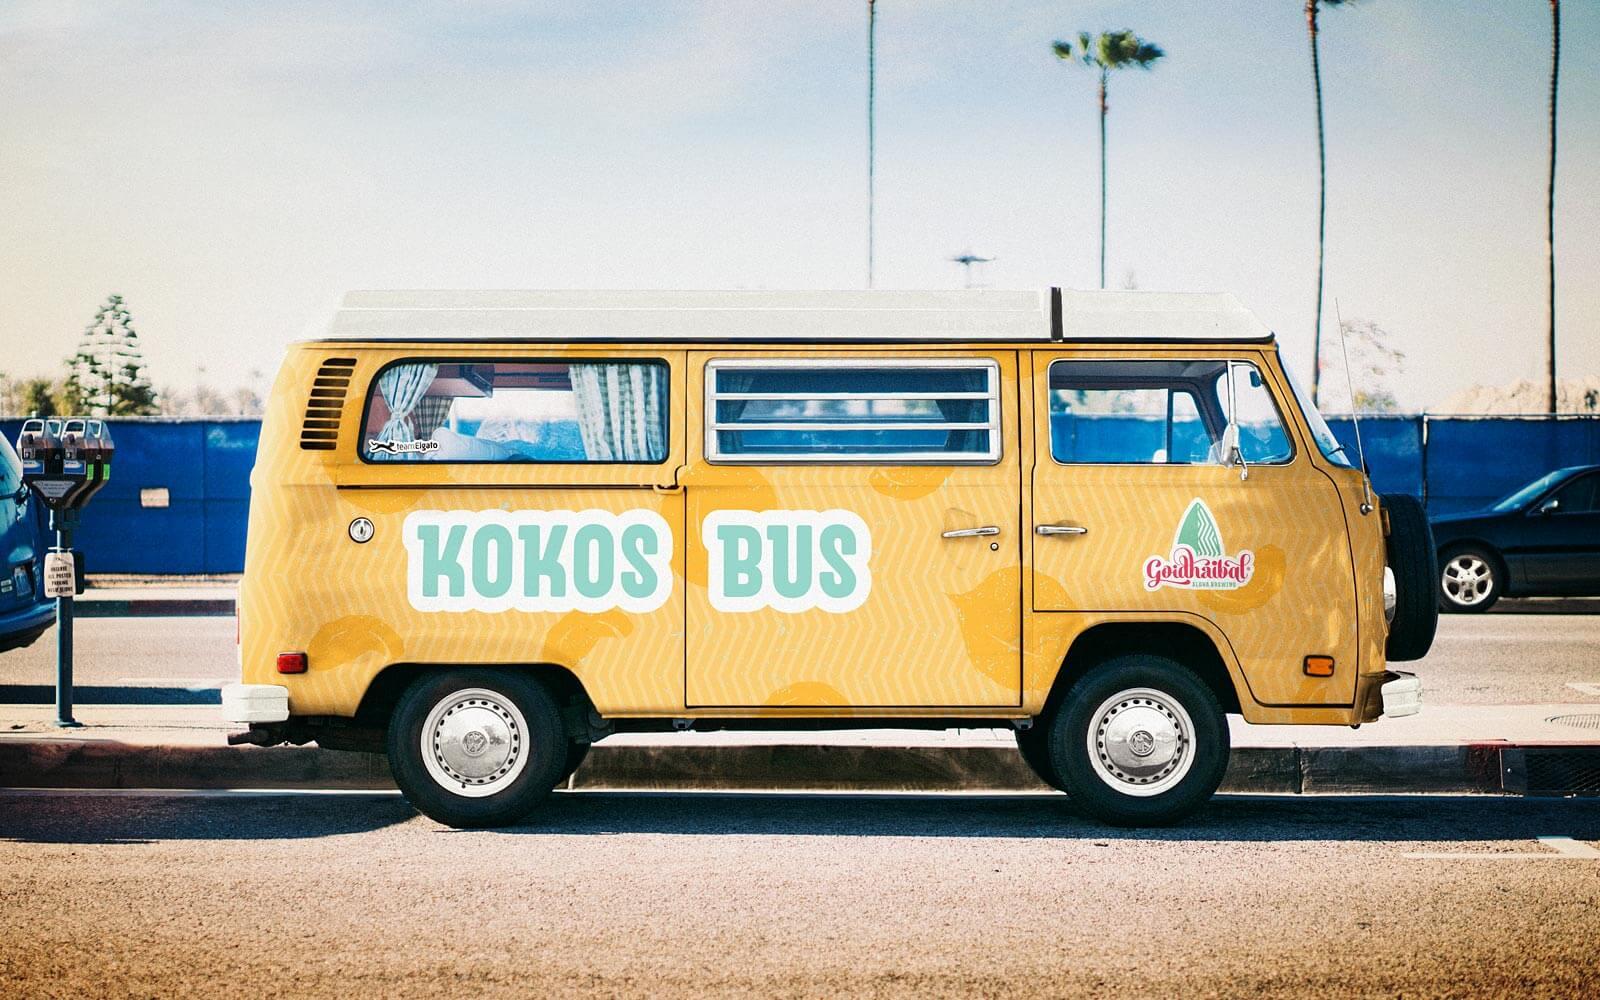 Goidhaibal® – Kokos-Bus